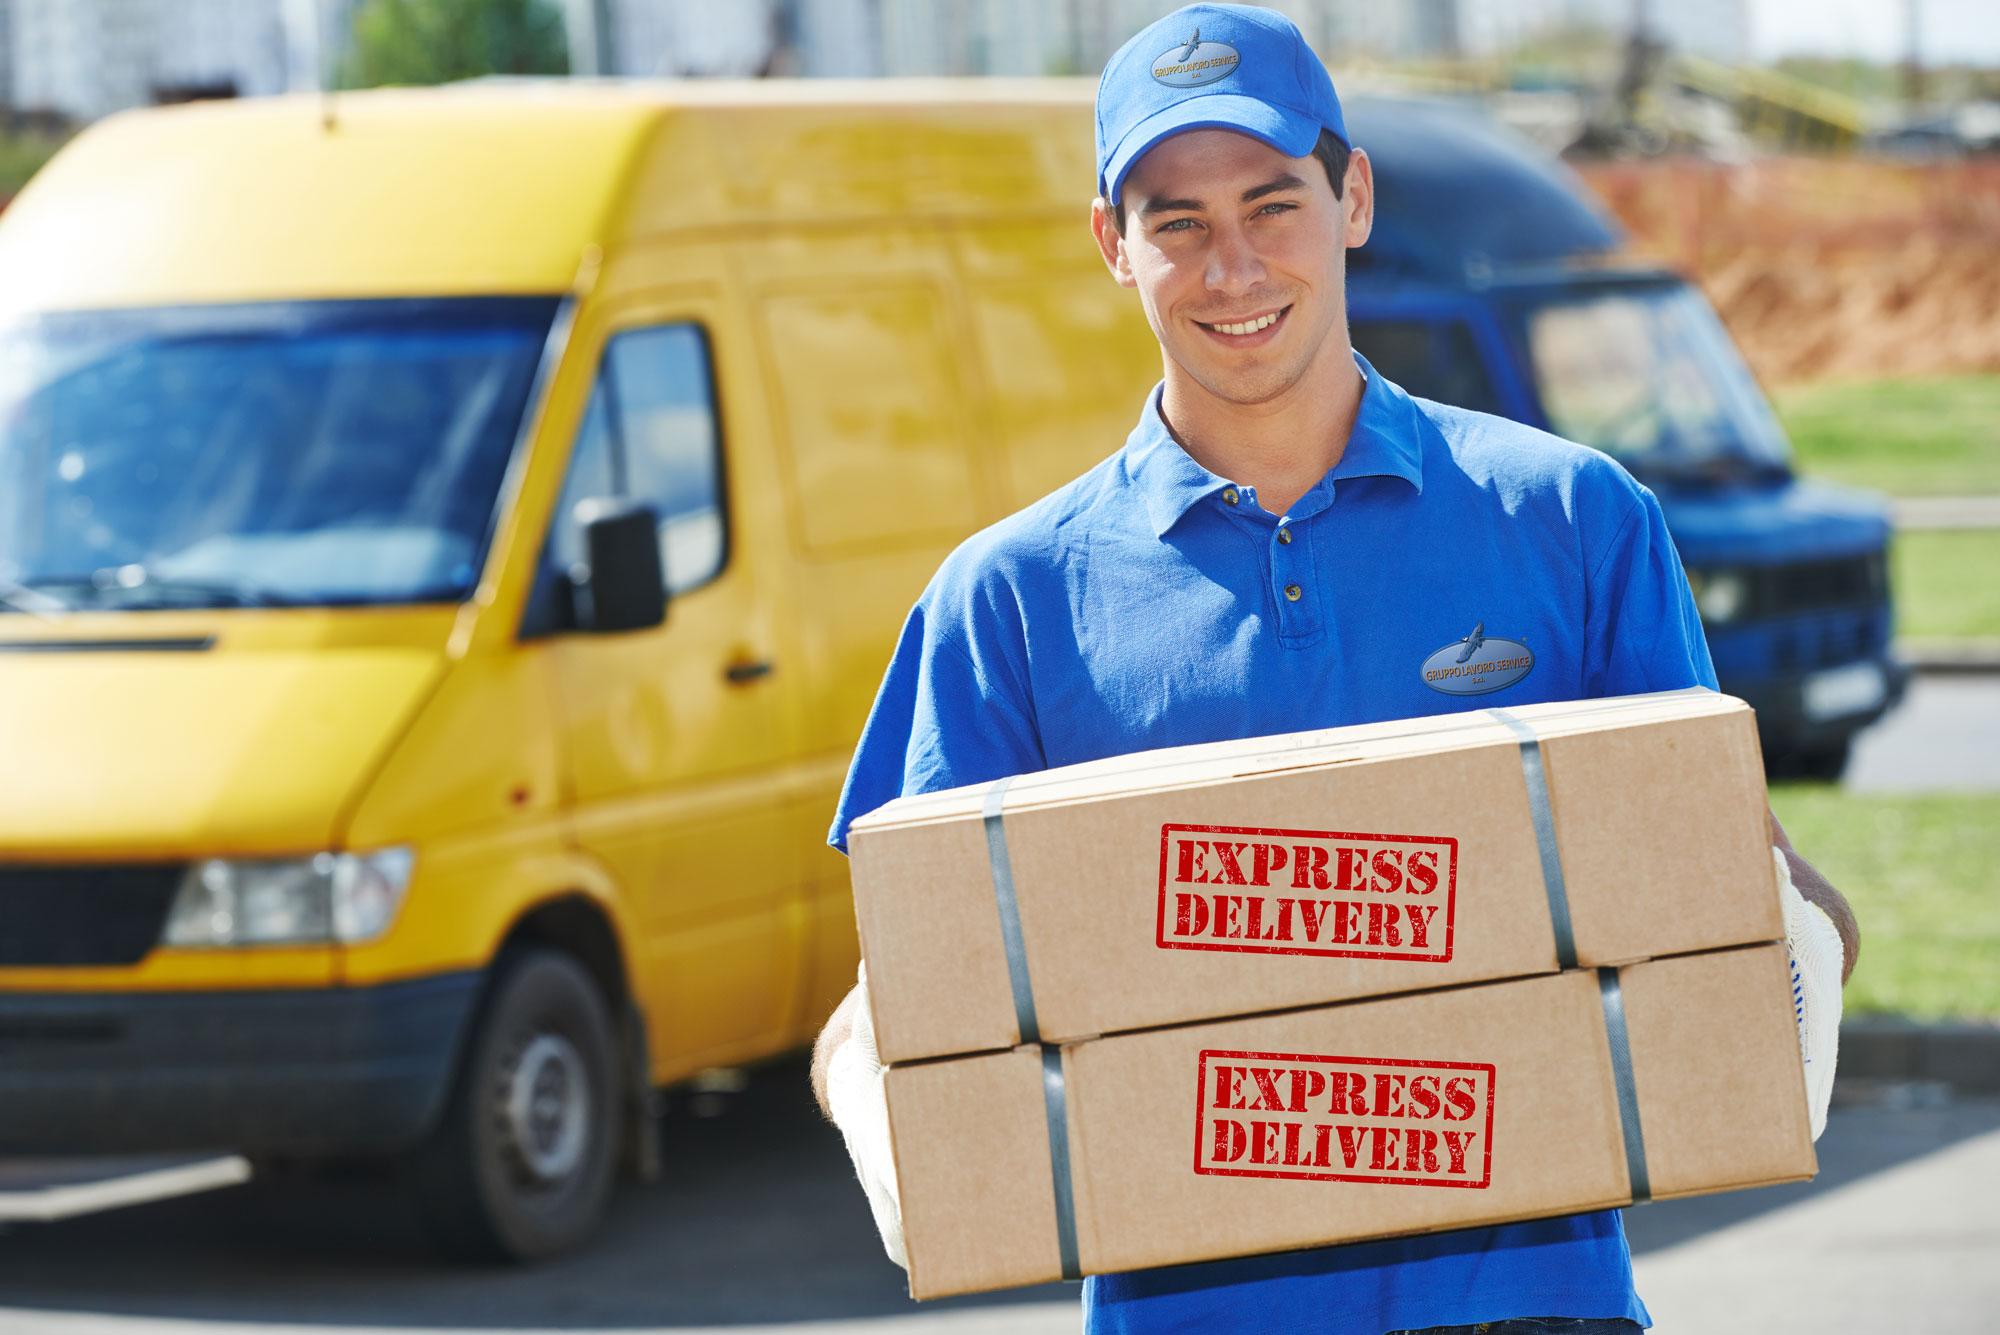 Gruppo Lavoro Service - Consegne express Bari